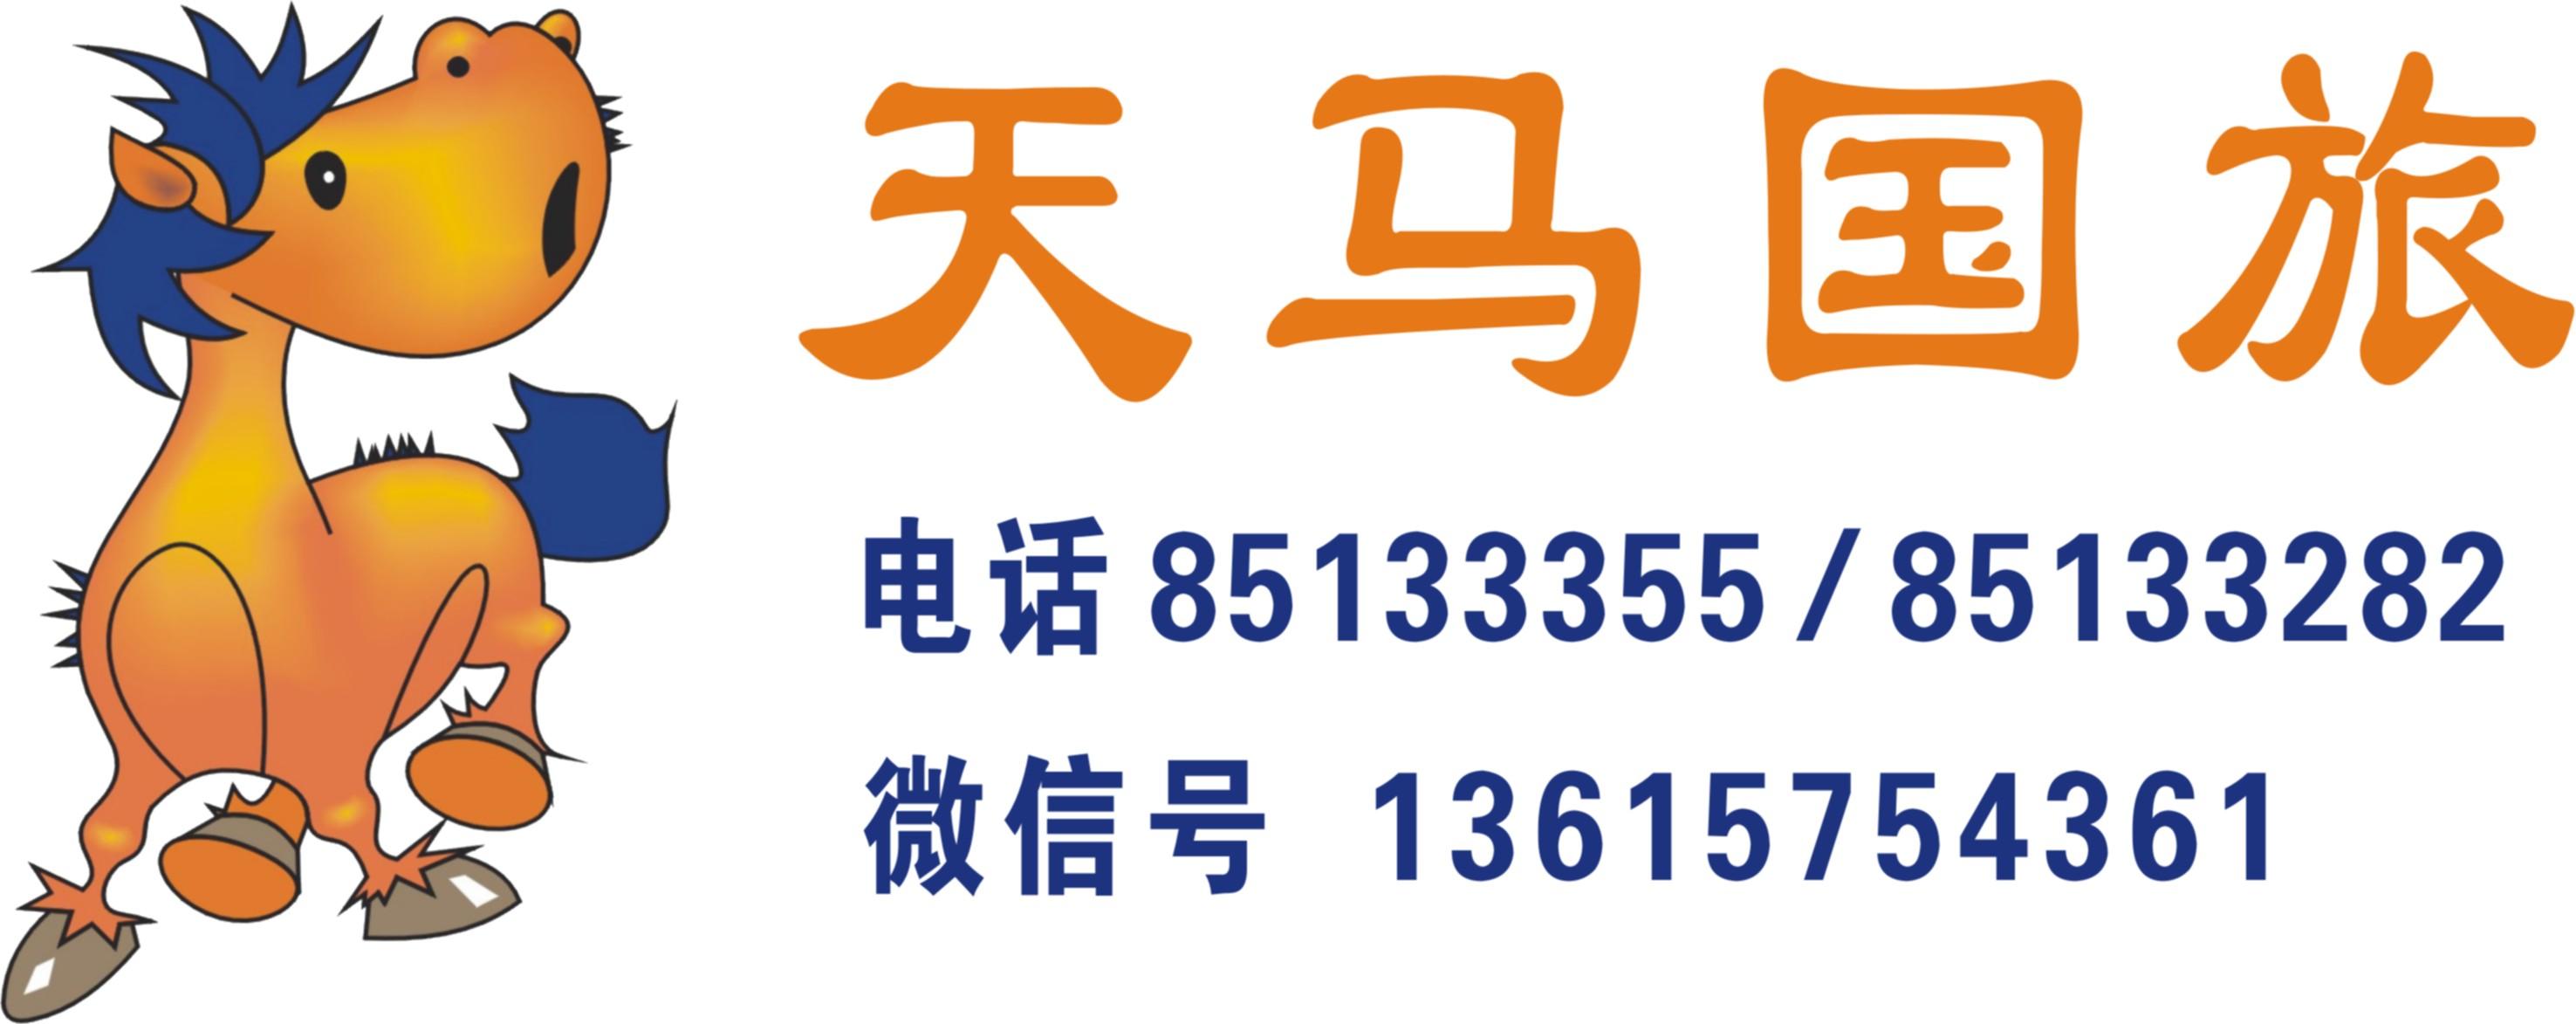 4月【三亚亚龙湾玩海趴双飞五日】体验亚特兰蒂斯水世界娱乐项目